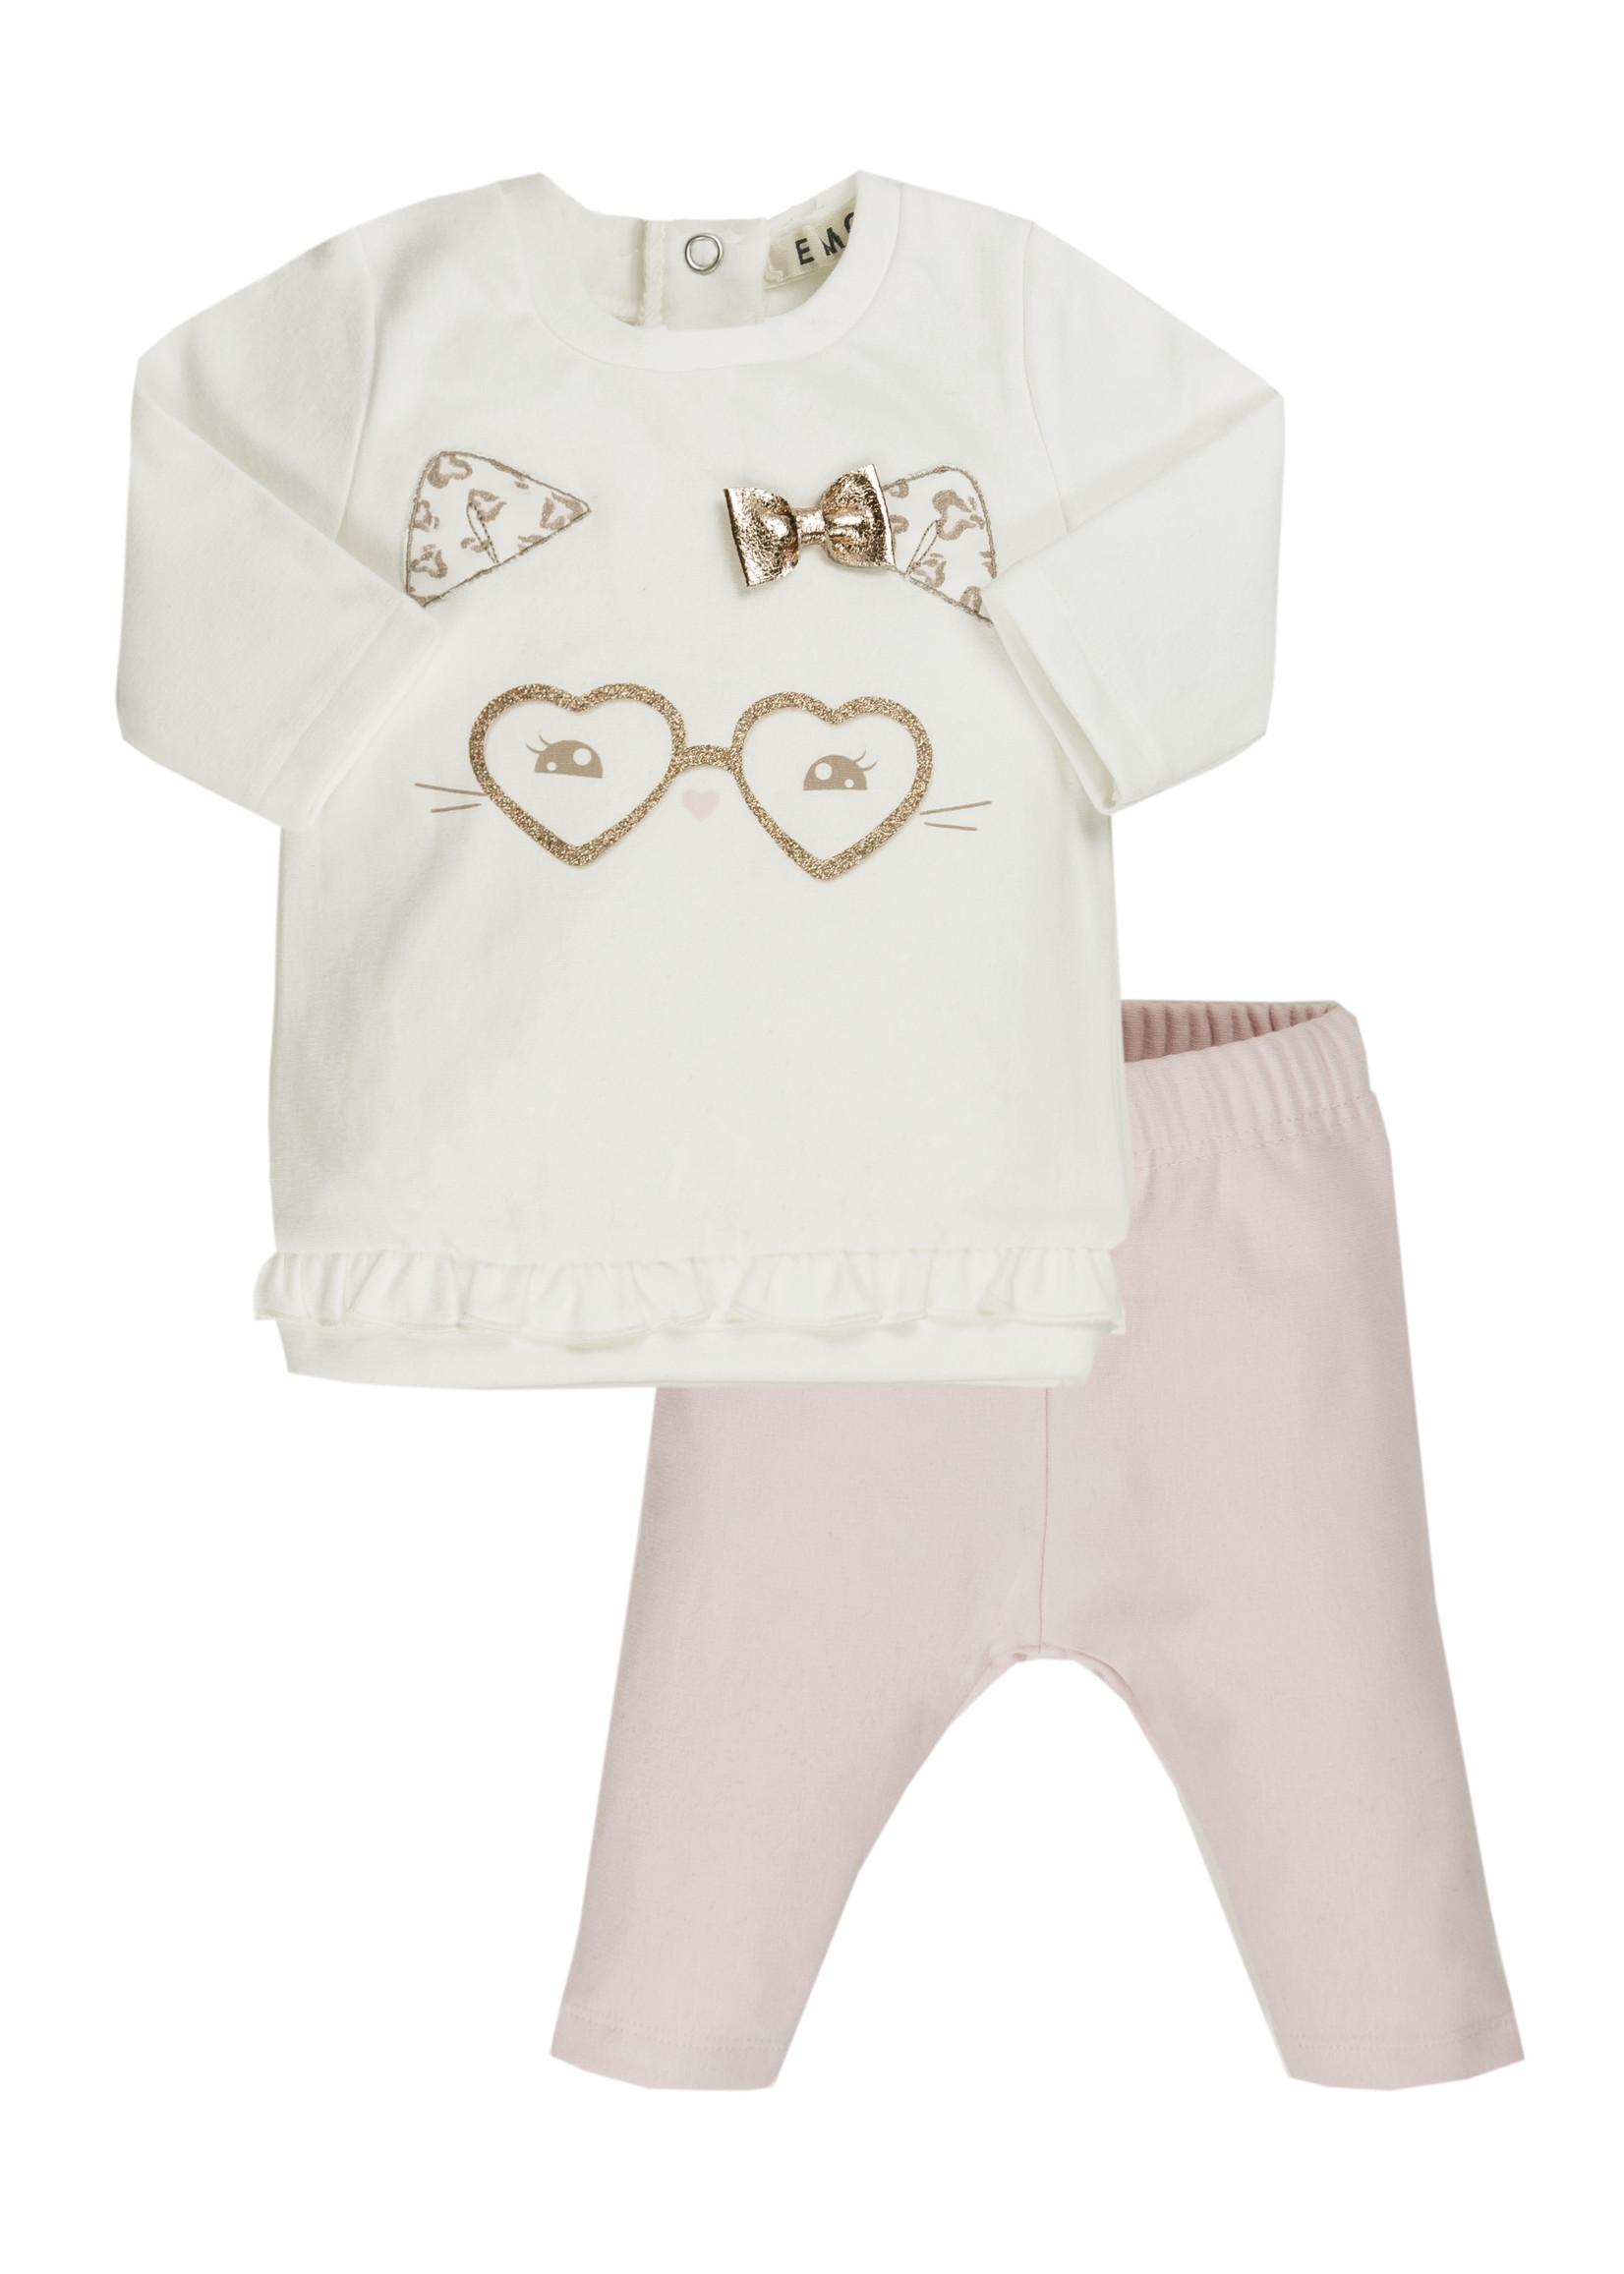 EMC EMC heart glasses set pink trousers